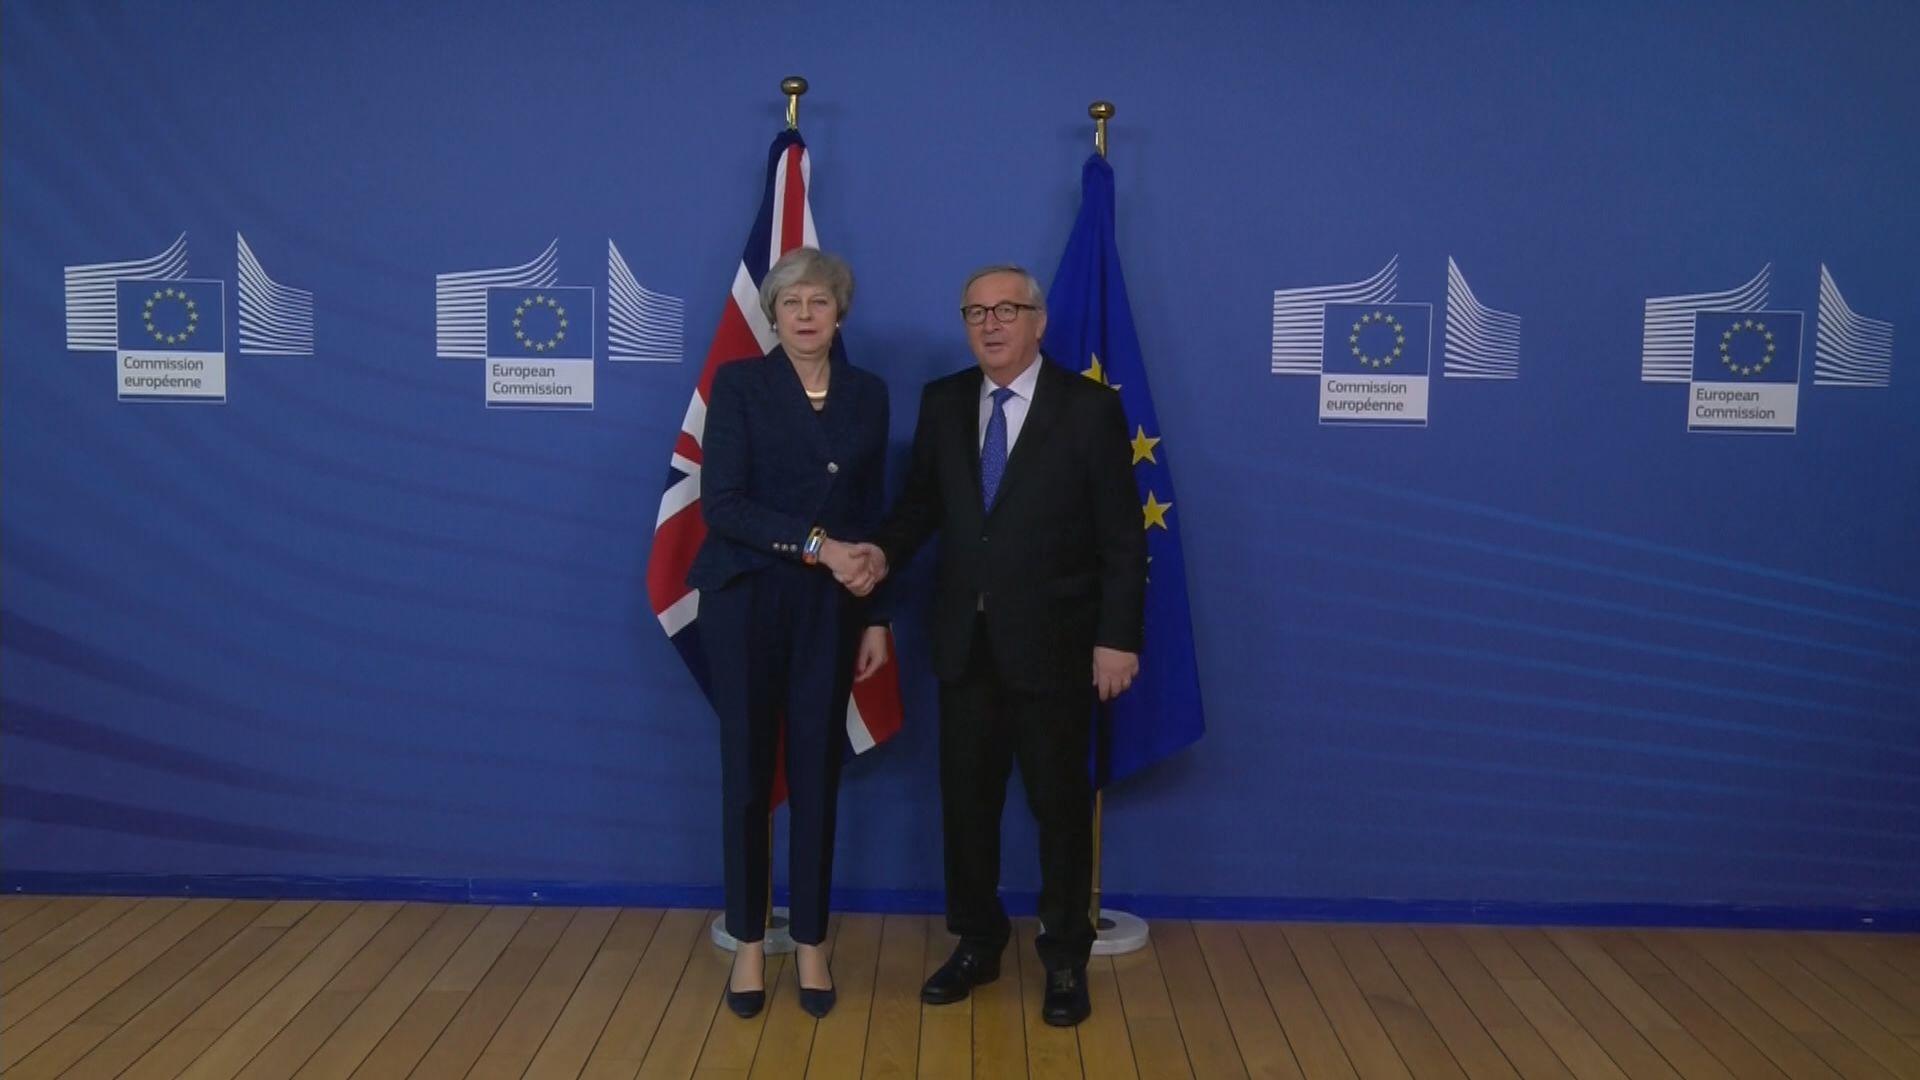 文翠珊尋求歐盟同意修改脫歐協議